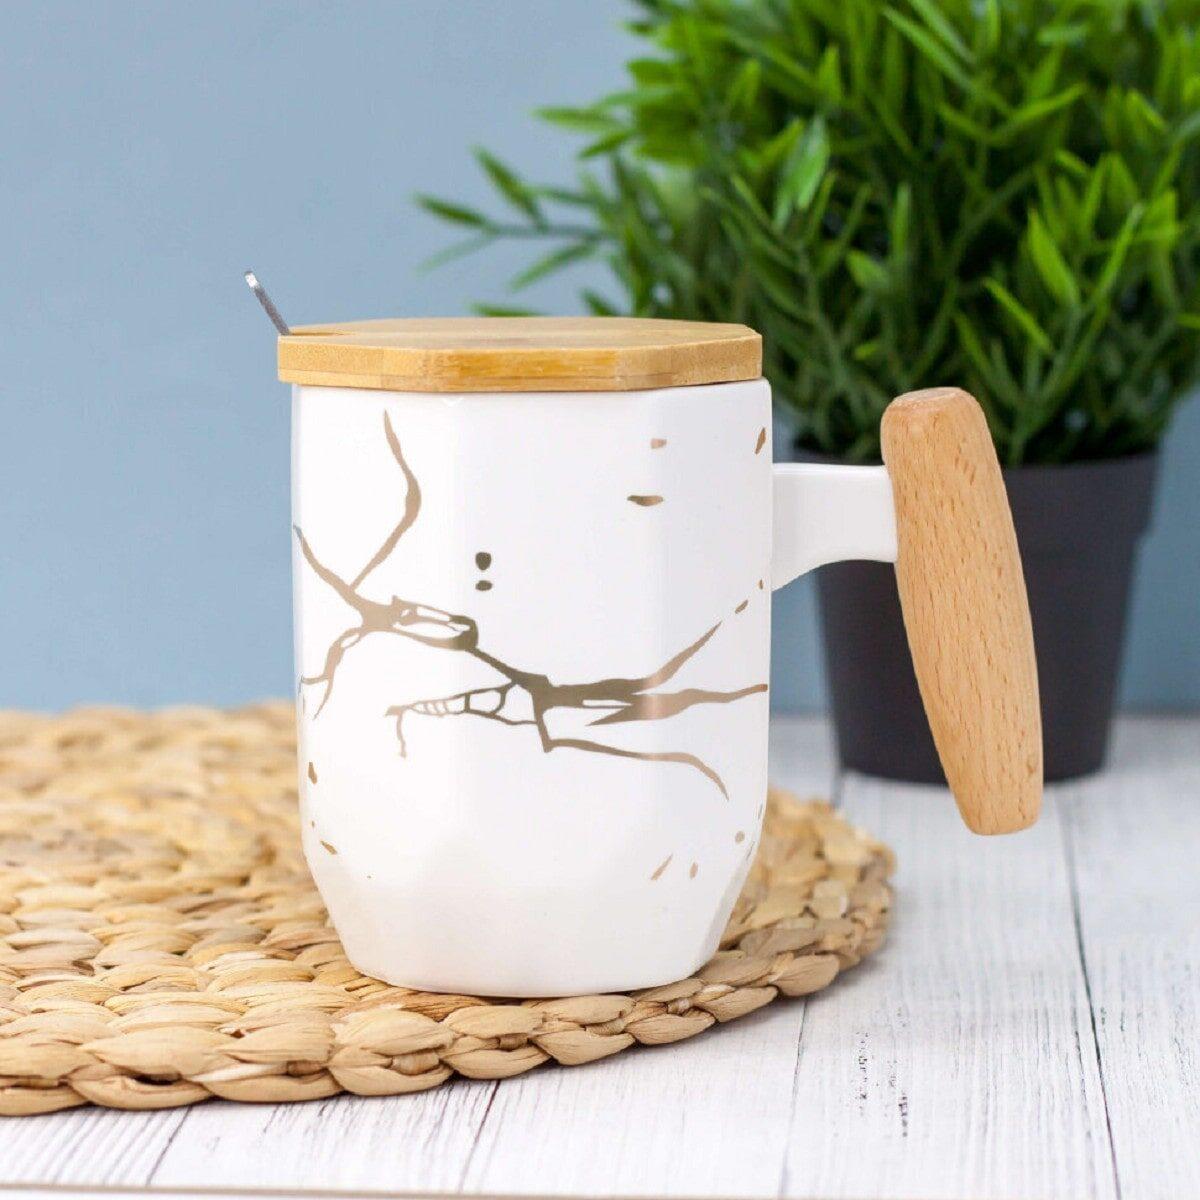 Чашка керамічна Мармур дерев'яною кришкою та ручкою 380 мл, біла